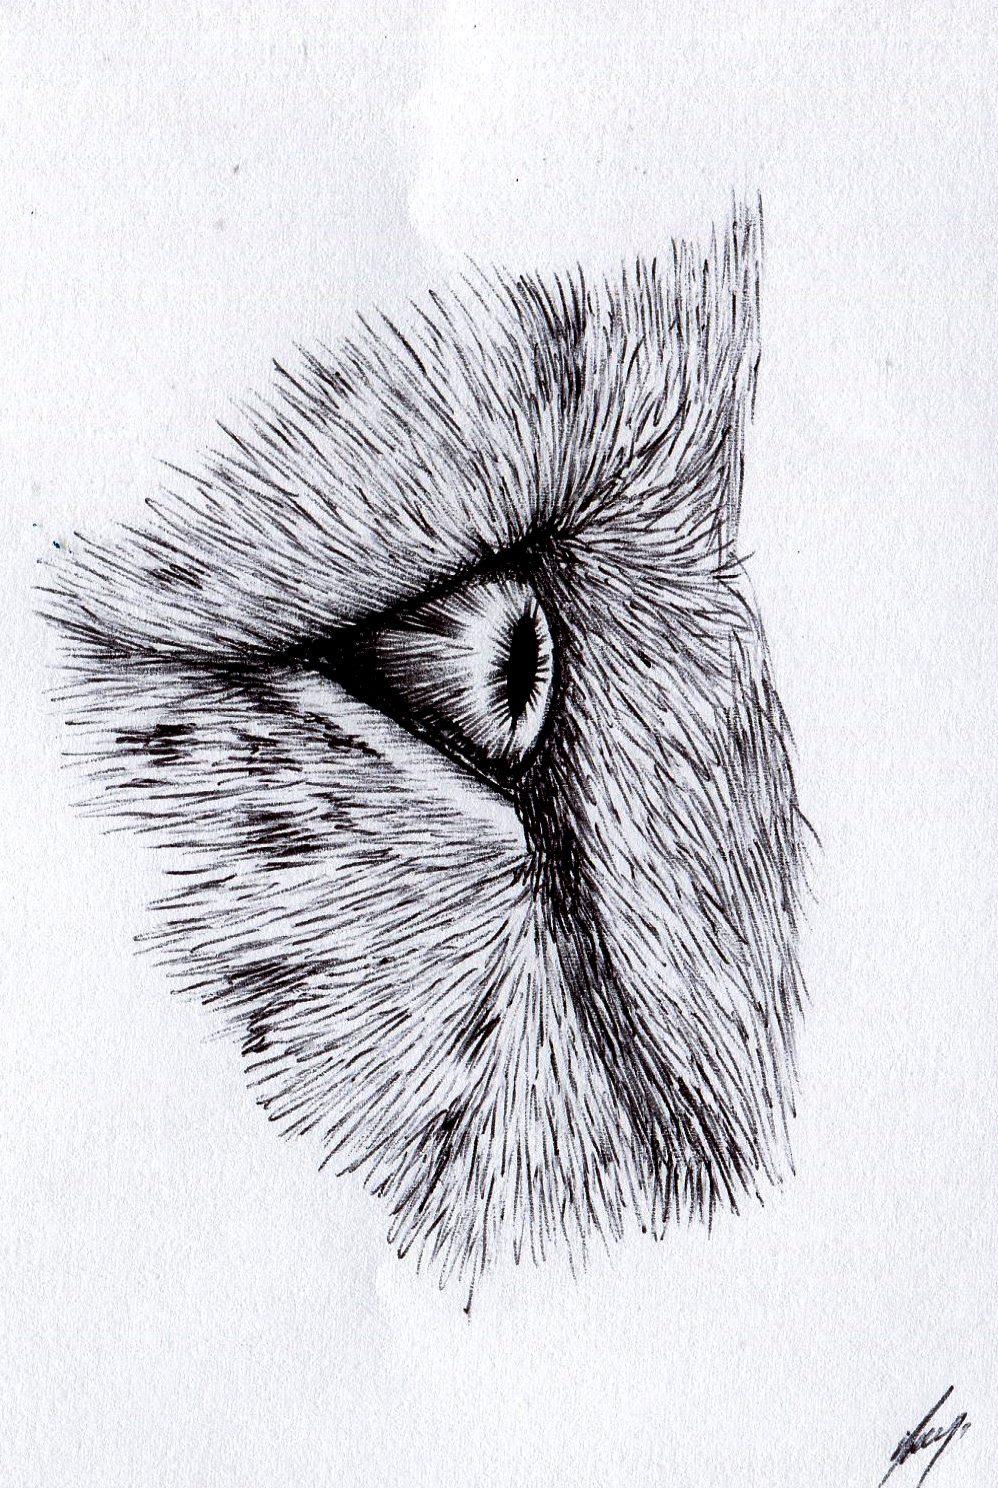 74b Paul Murray, The Eye, Ballpoint pen on paper